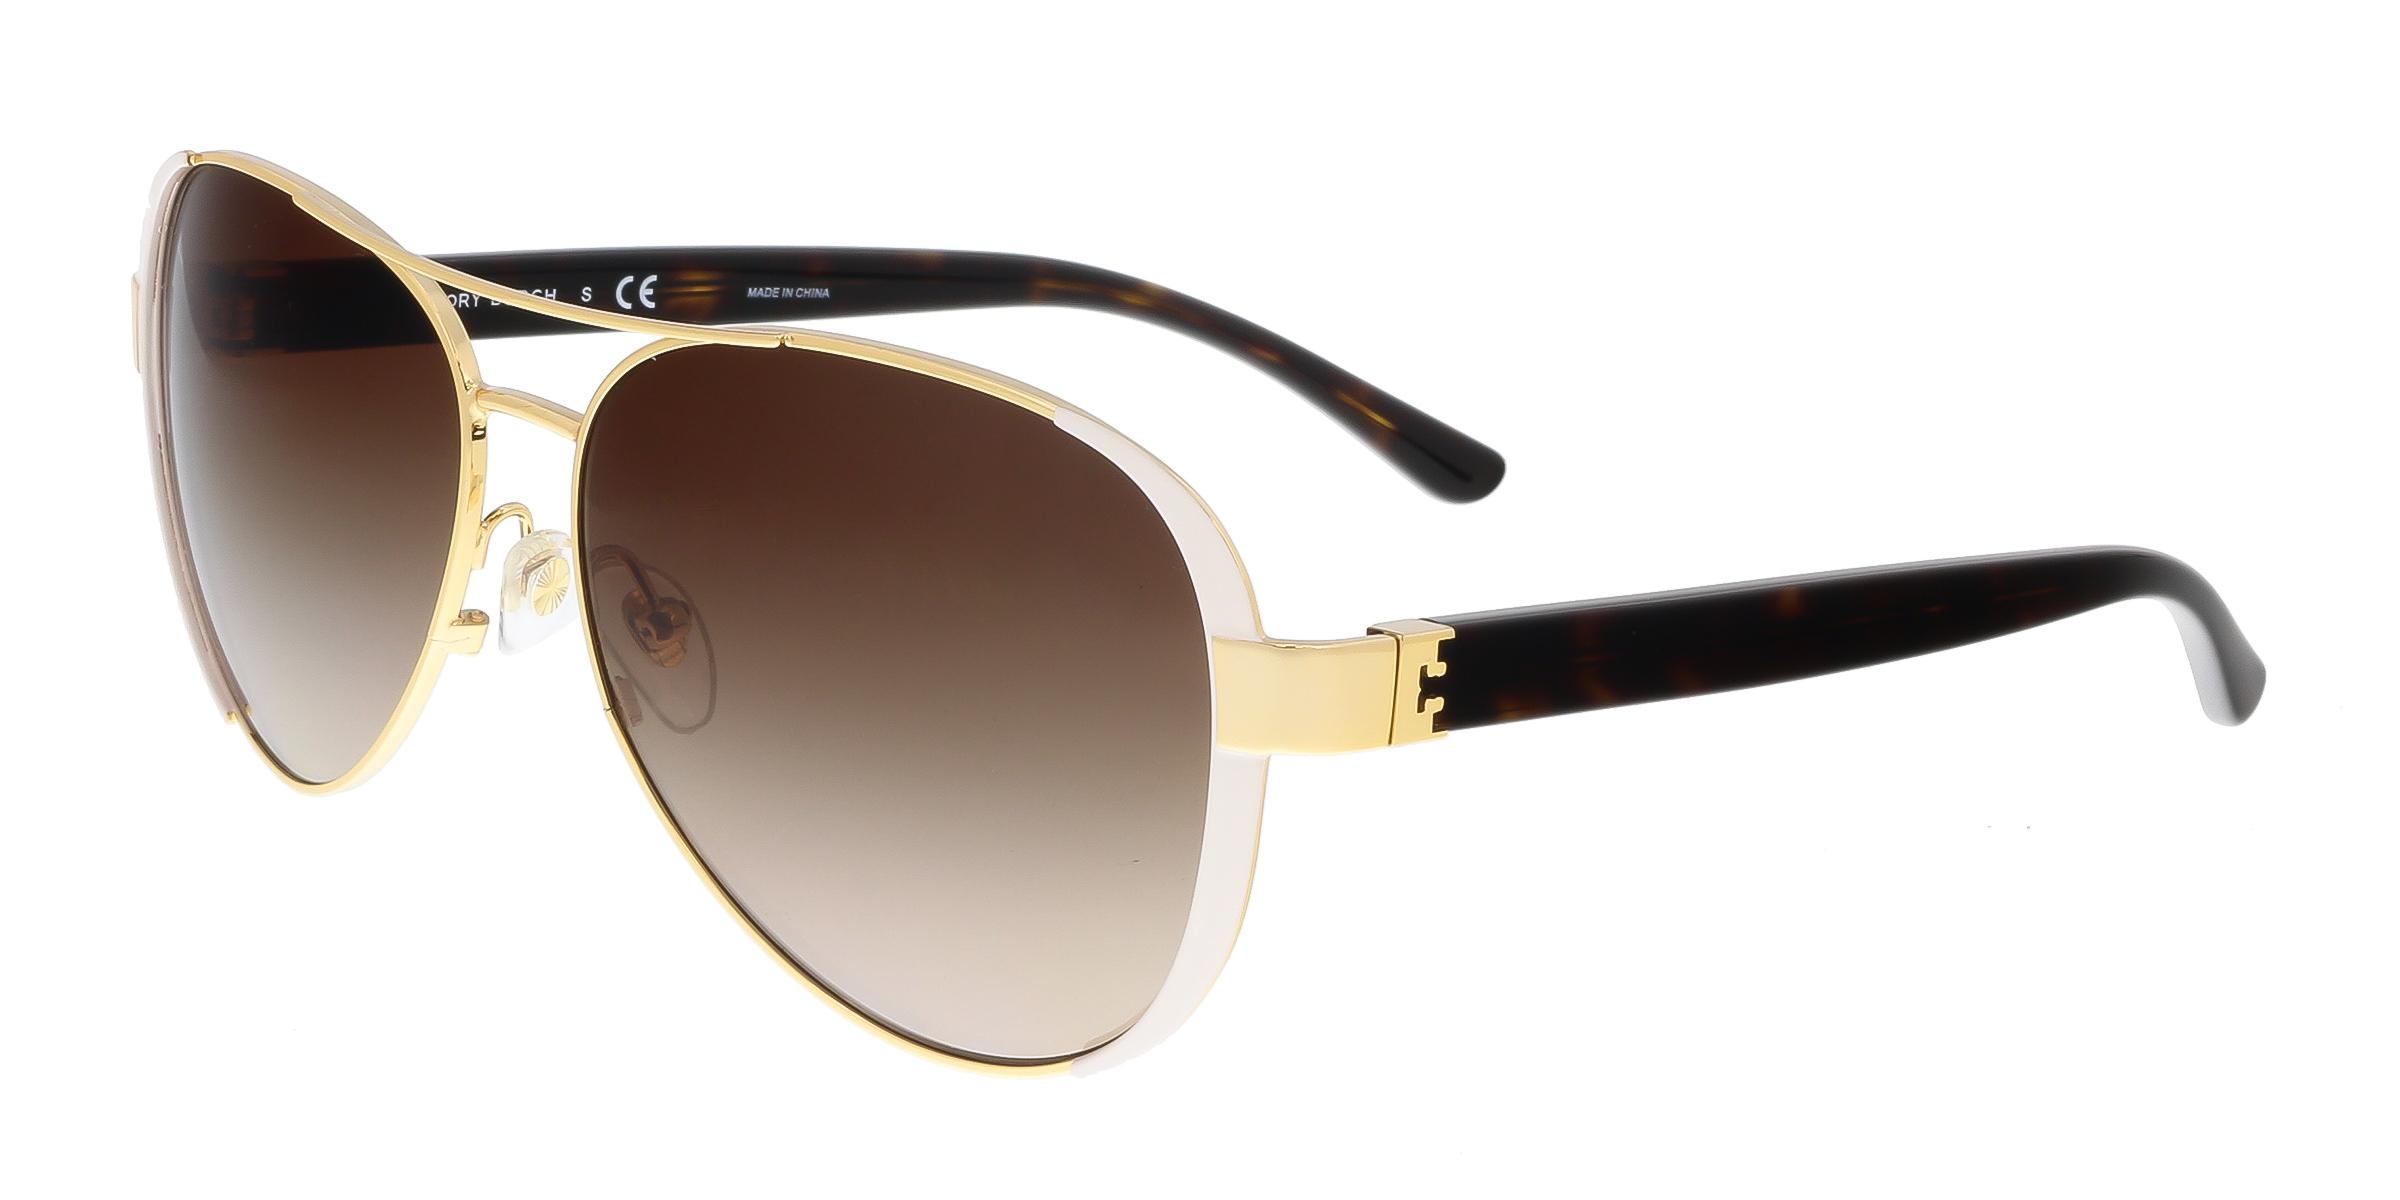 Tory Burch TY6052 320113 Gold/White Aviator Sunglasses